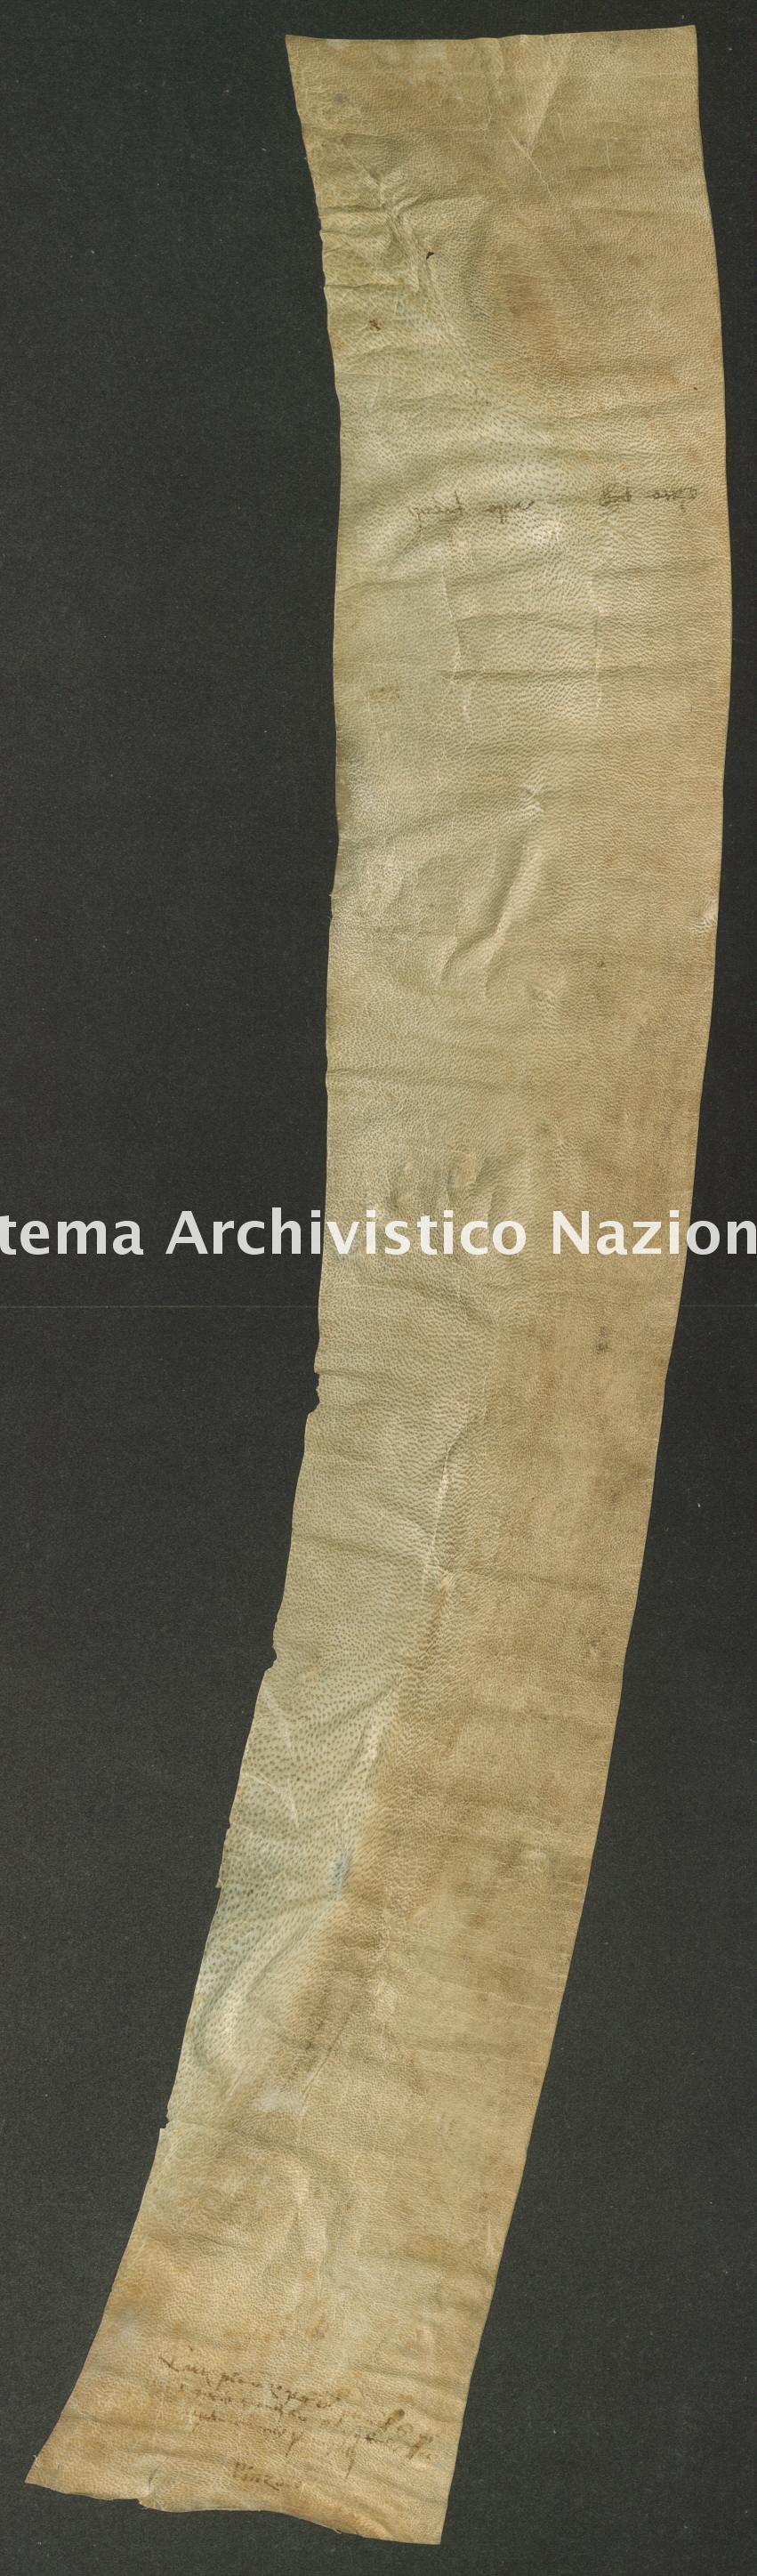 Archivio di Stato di Trento, Capitolo del Duomo di Trento, Pergamena ITASTNCAPITOLODUOMON0512